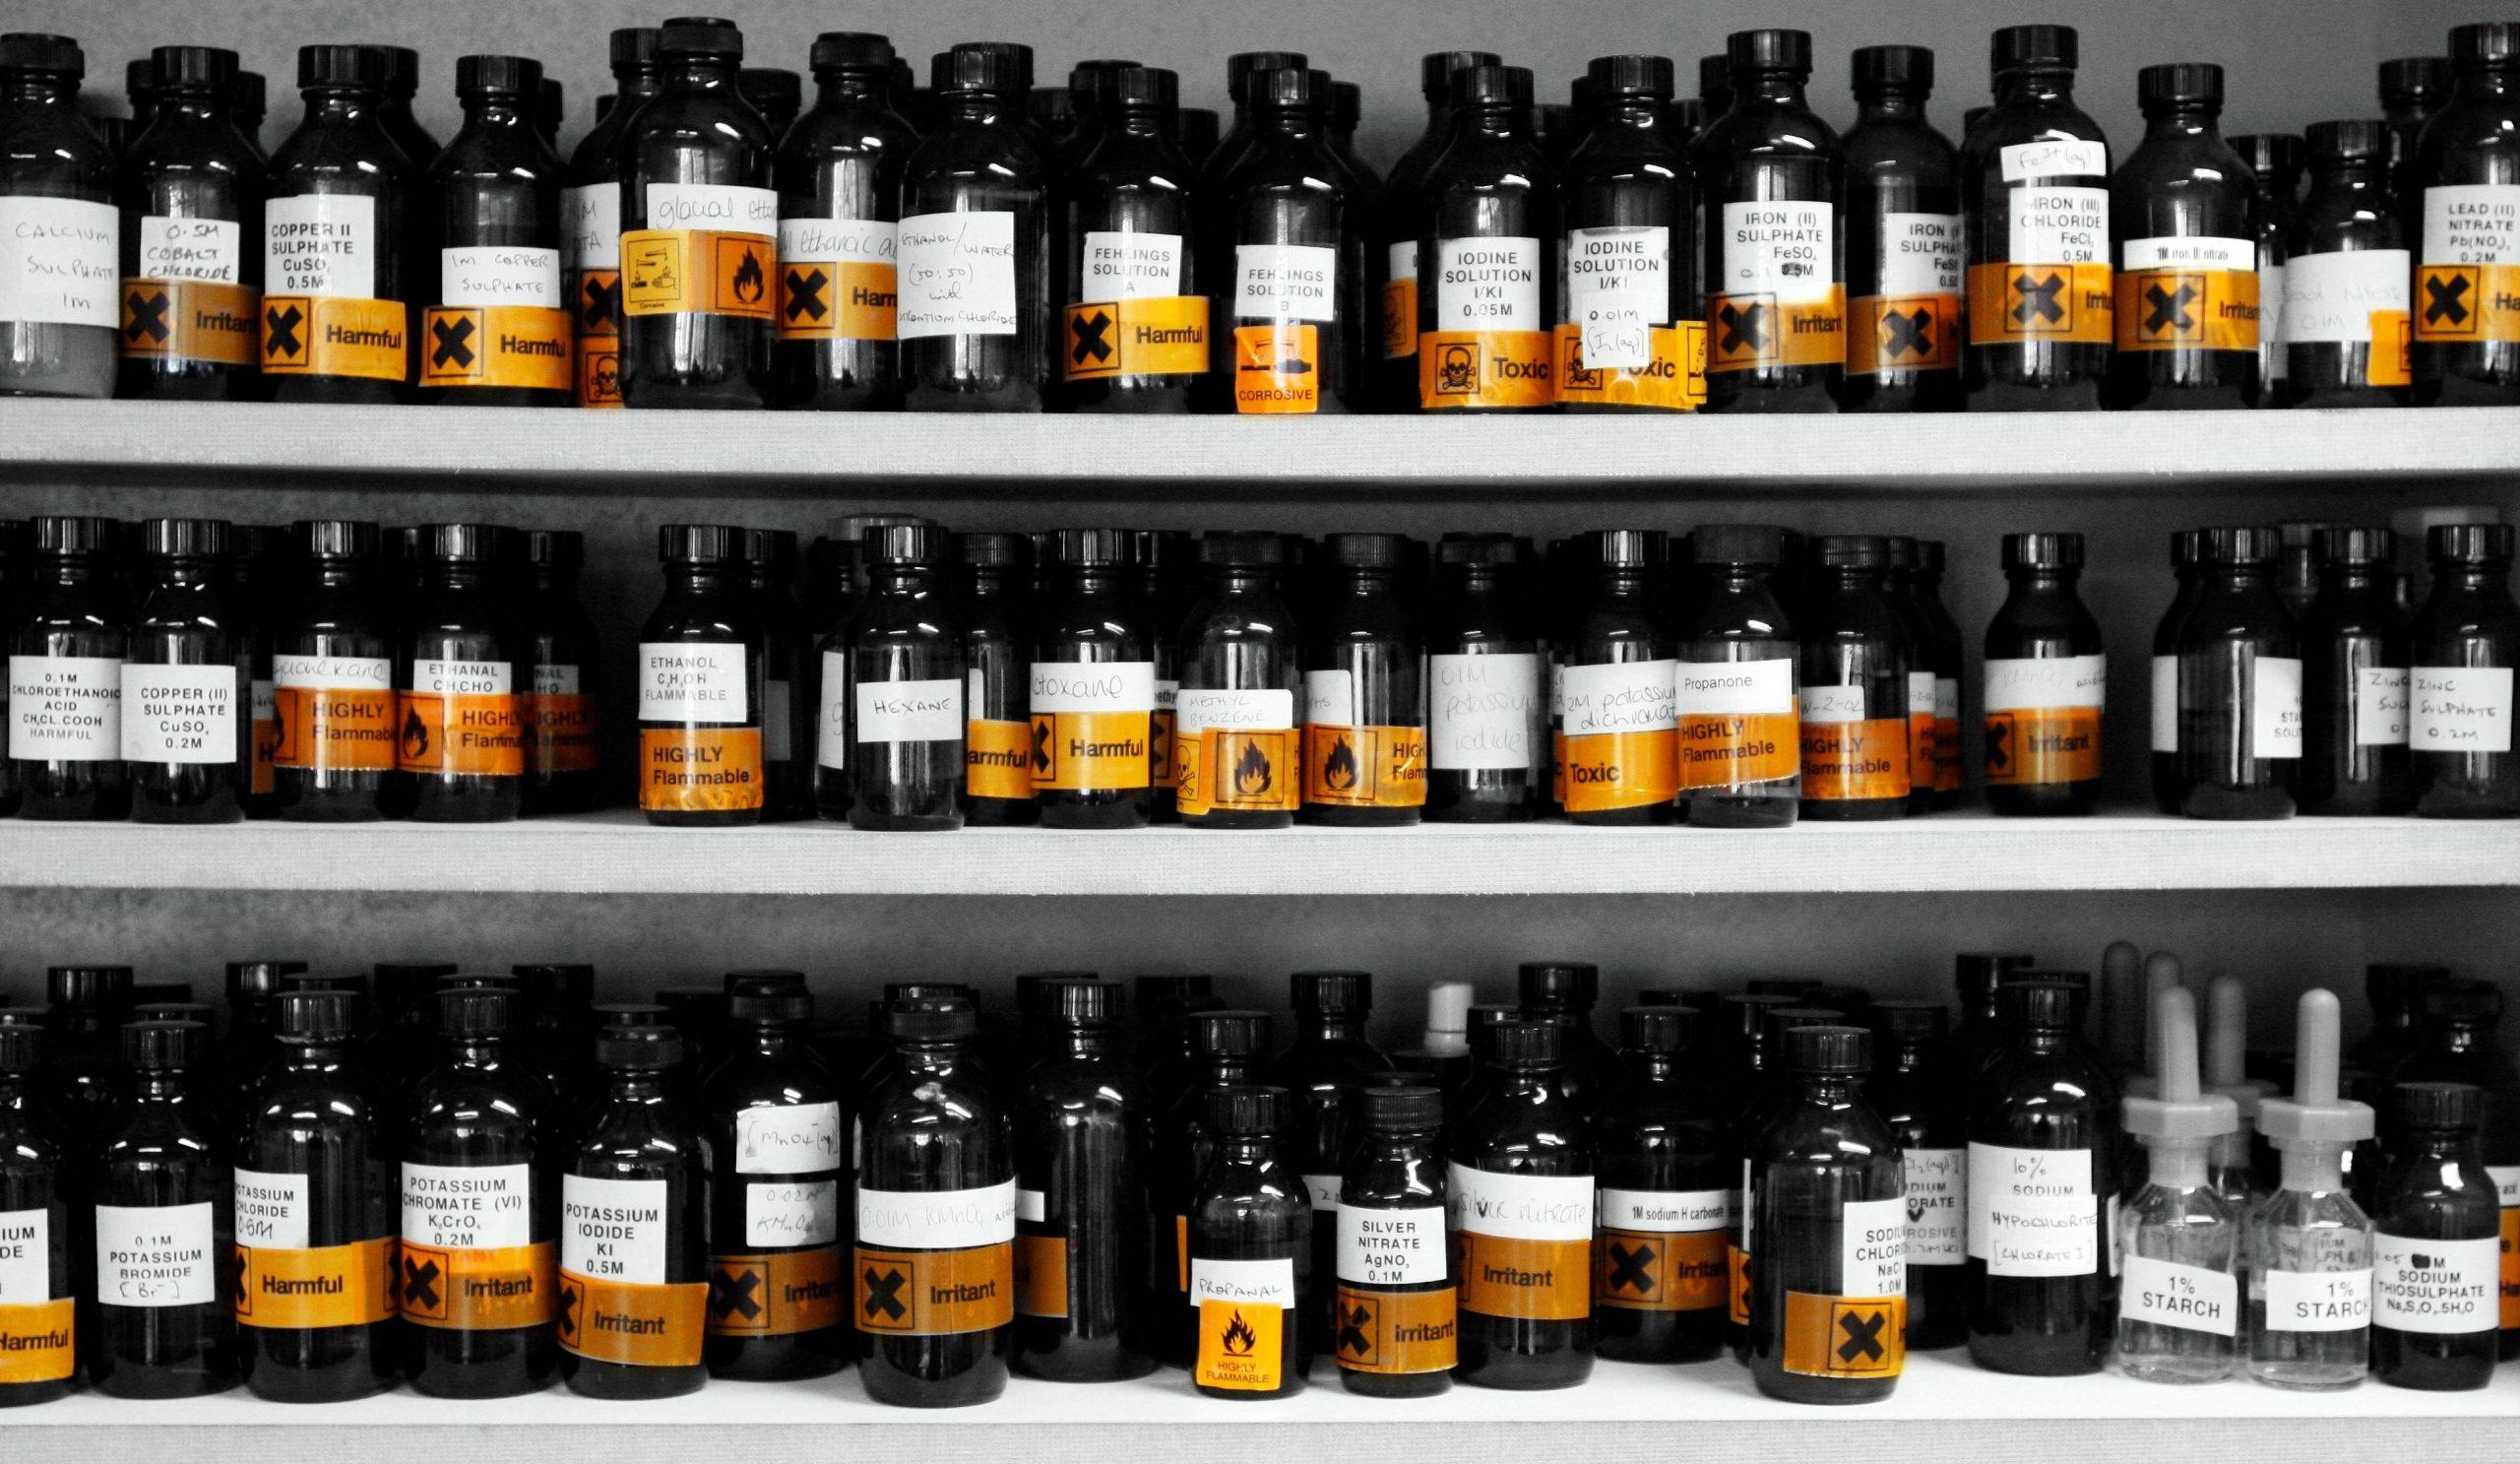 I_Heart_Small_Bottles_of_Chemicals_4890752060.jpg